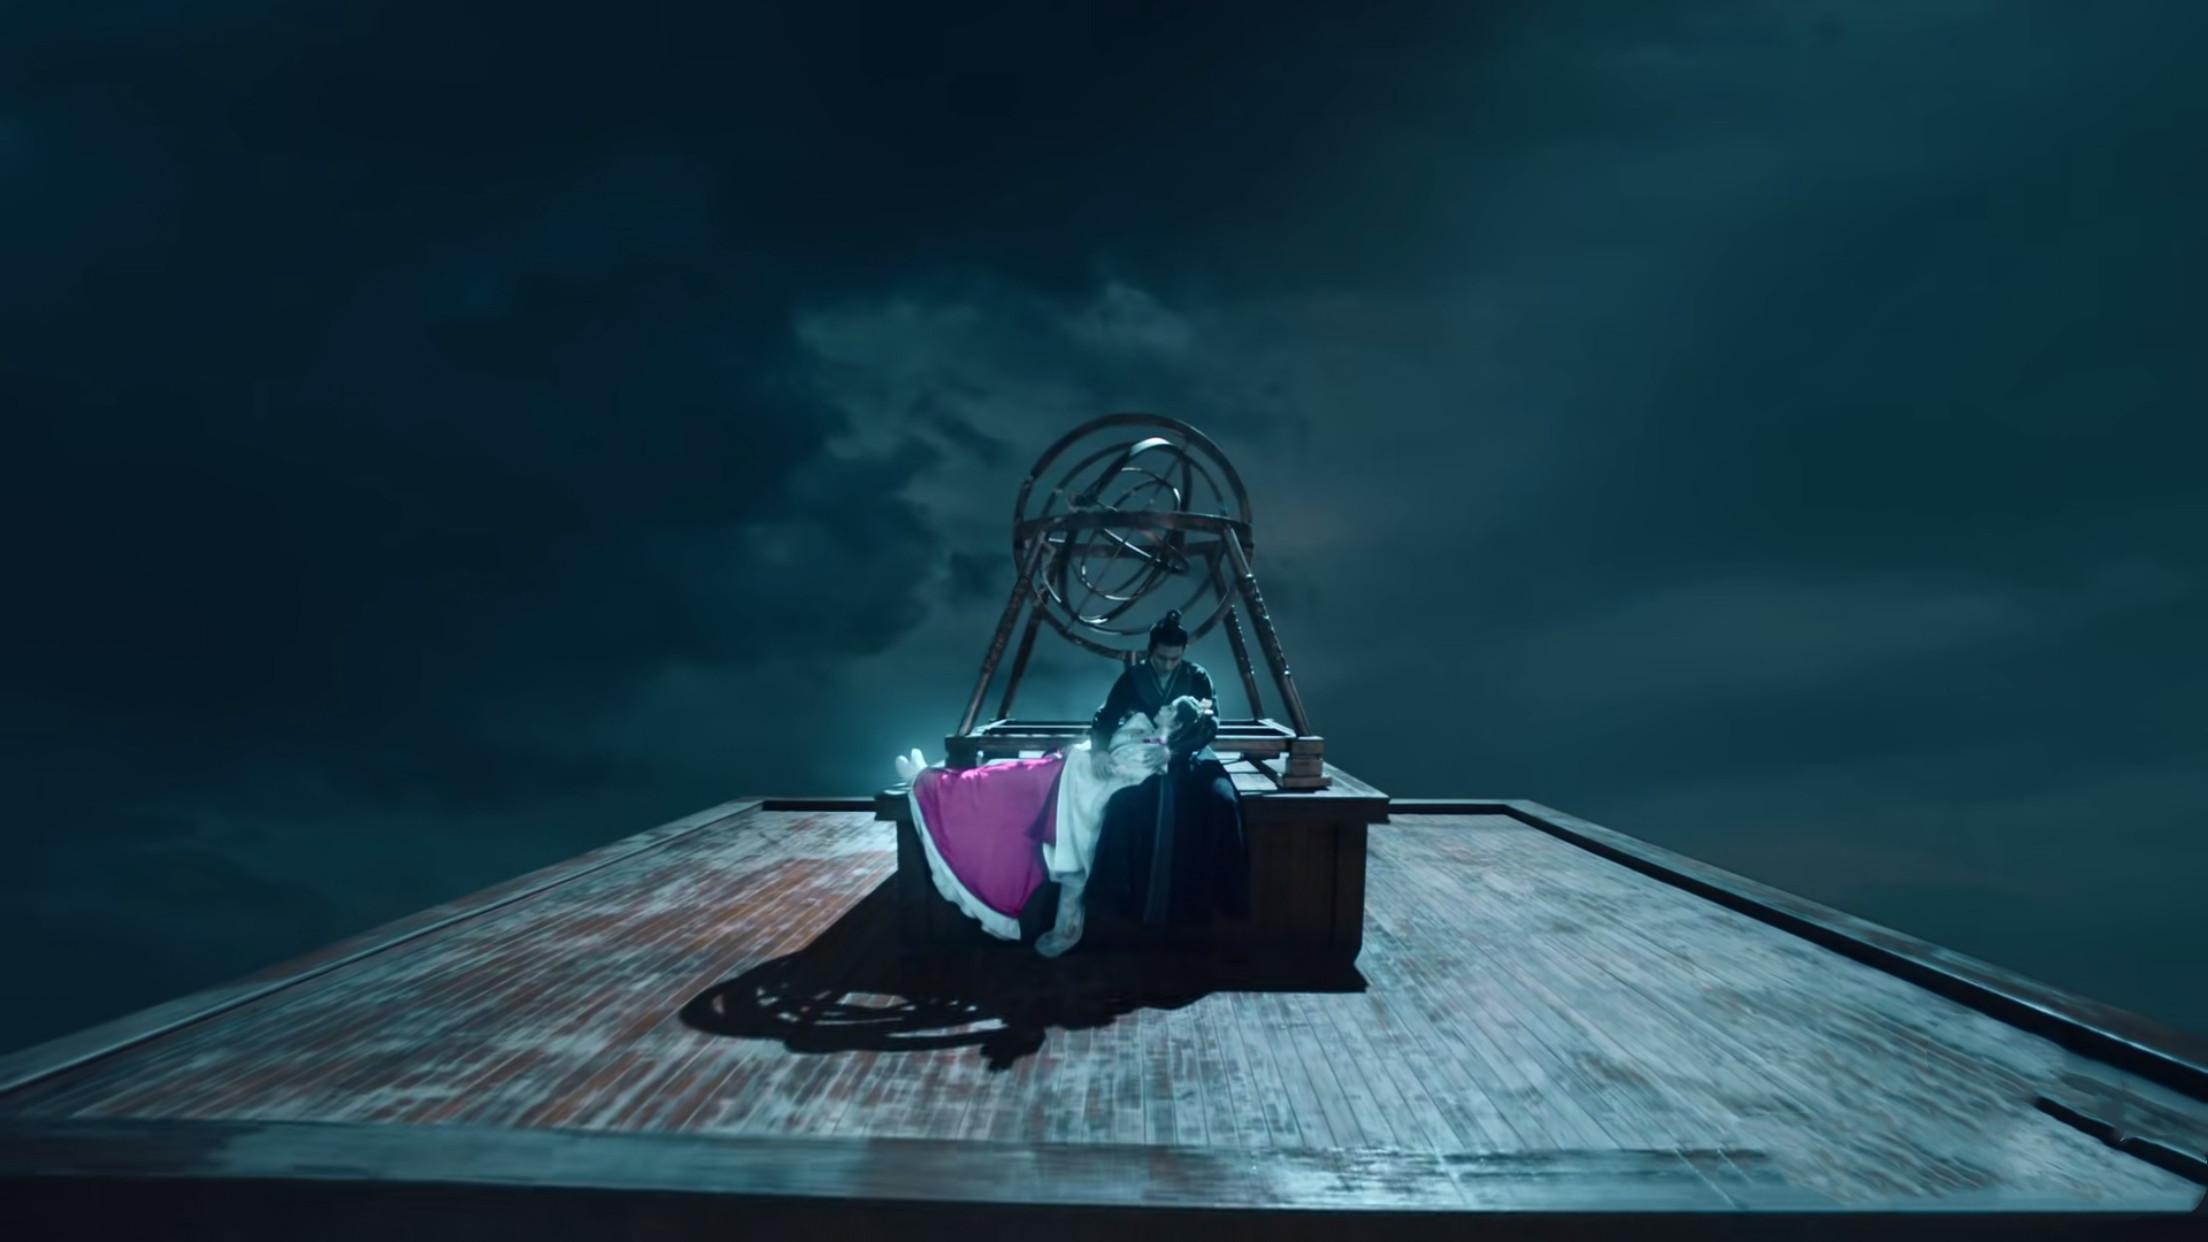 《如意芳霏》大结局太迷惑,傅容被雷劈死,与肃王穿越回现代